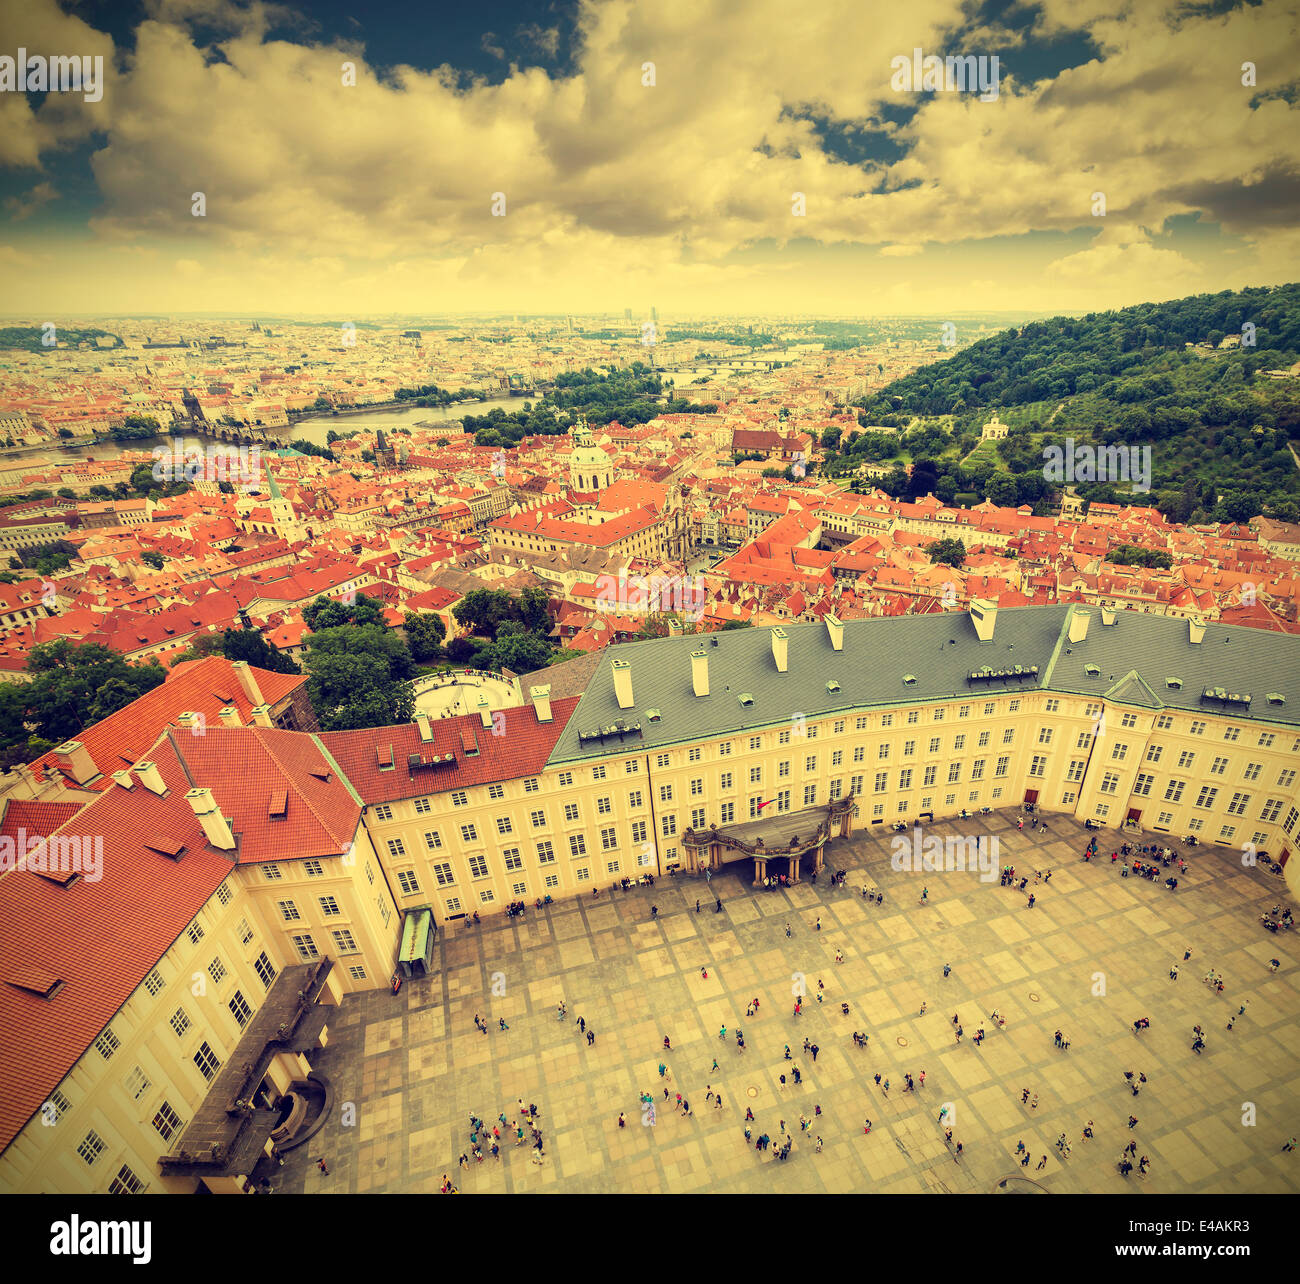 Altstadt von Prag, der Tschechischen Republik, Retro-Effekt. Stockbild